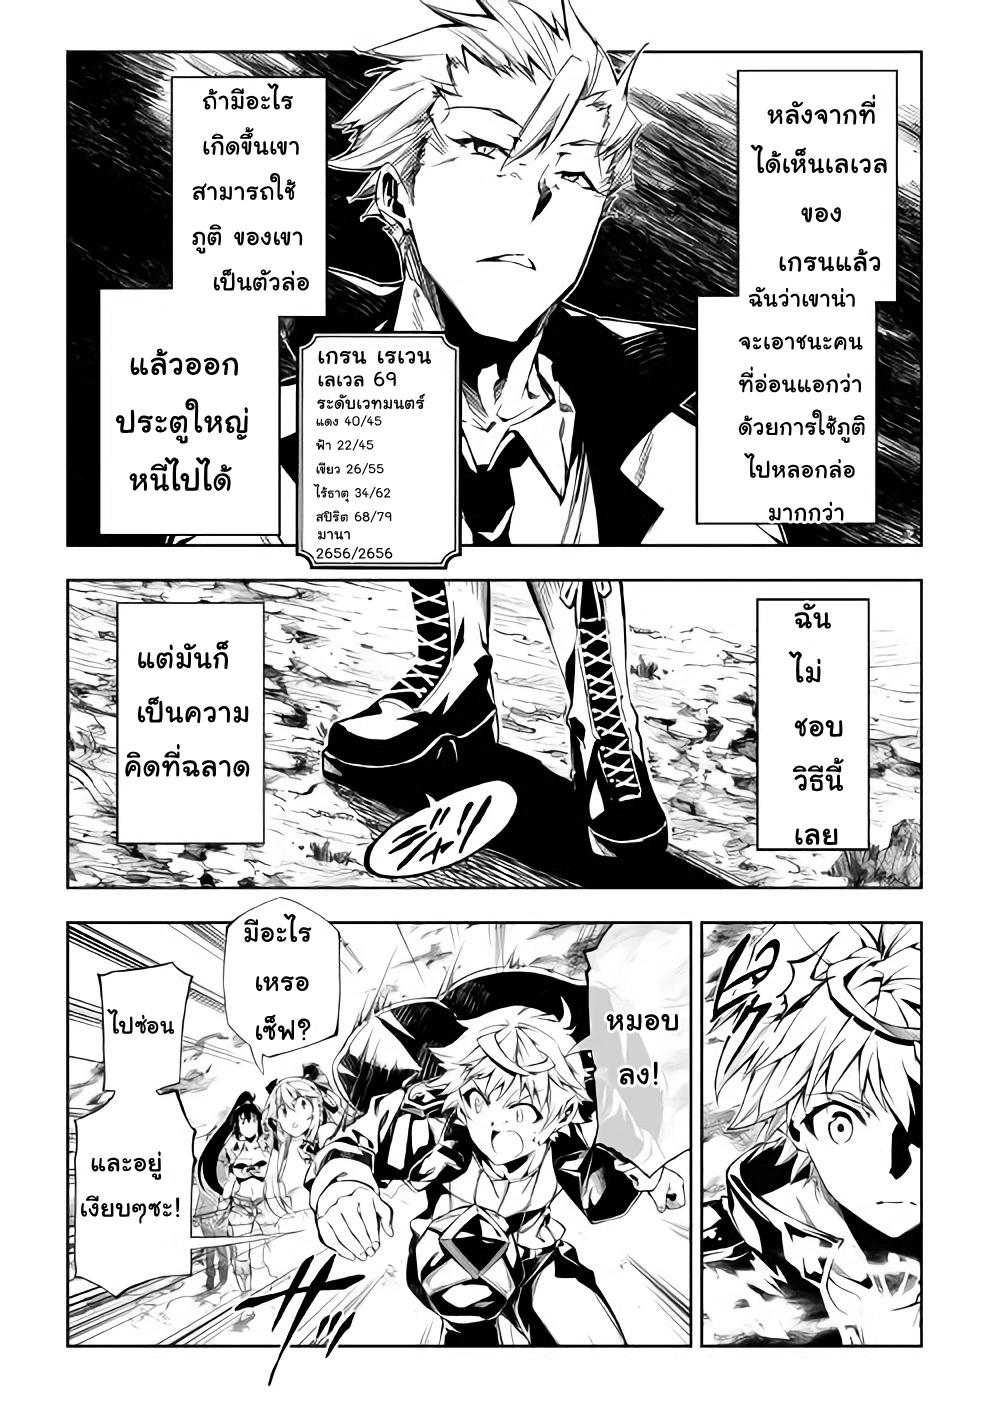 อ่านการ์ตูน Kouritsu Kuriya Madoushi, Dani no Jinsei de Madou o Kiwameru ตอนที่ 29 หน้าที่ 5